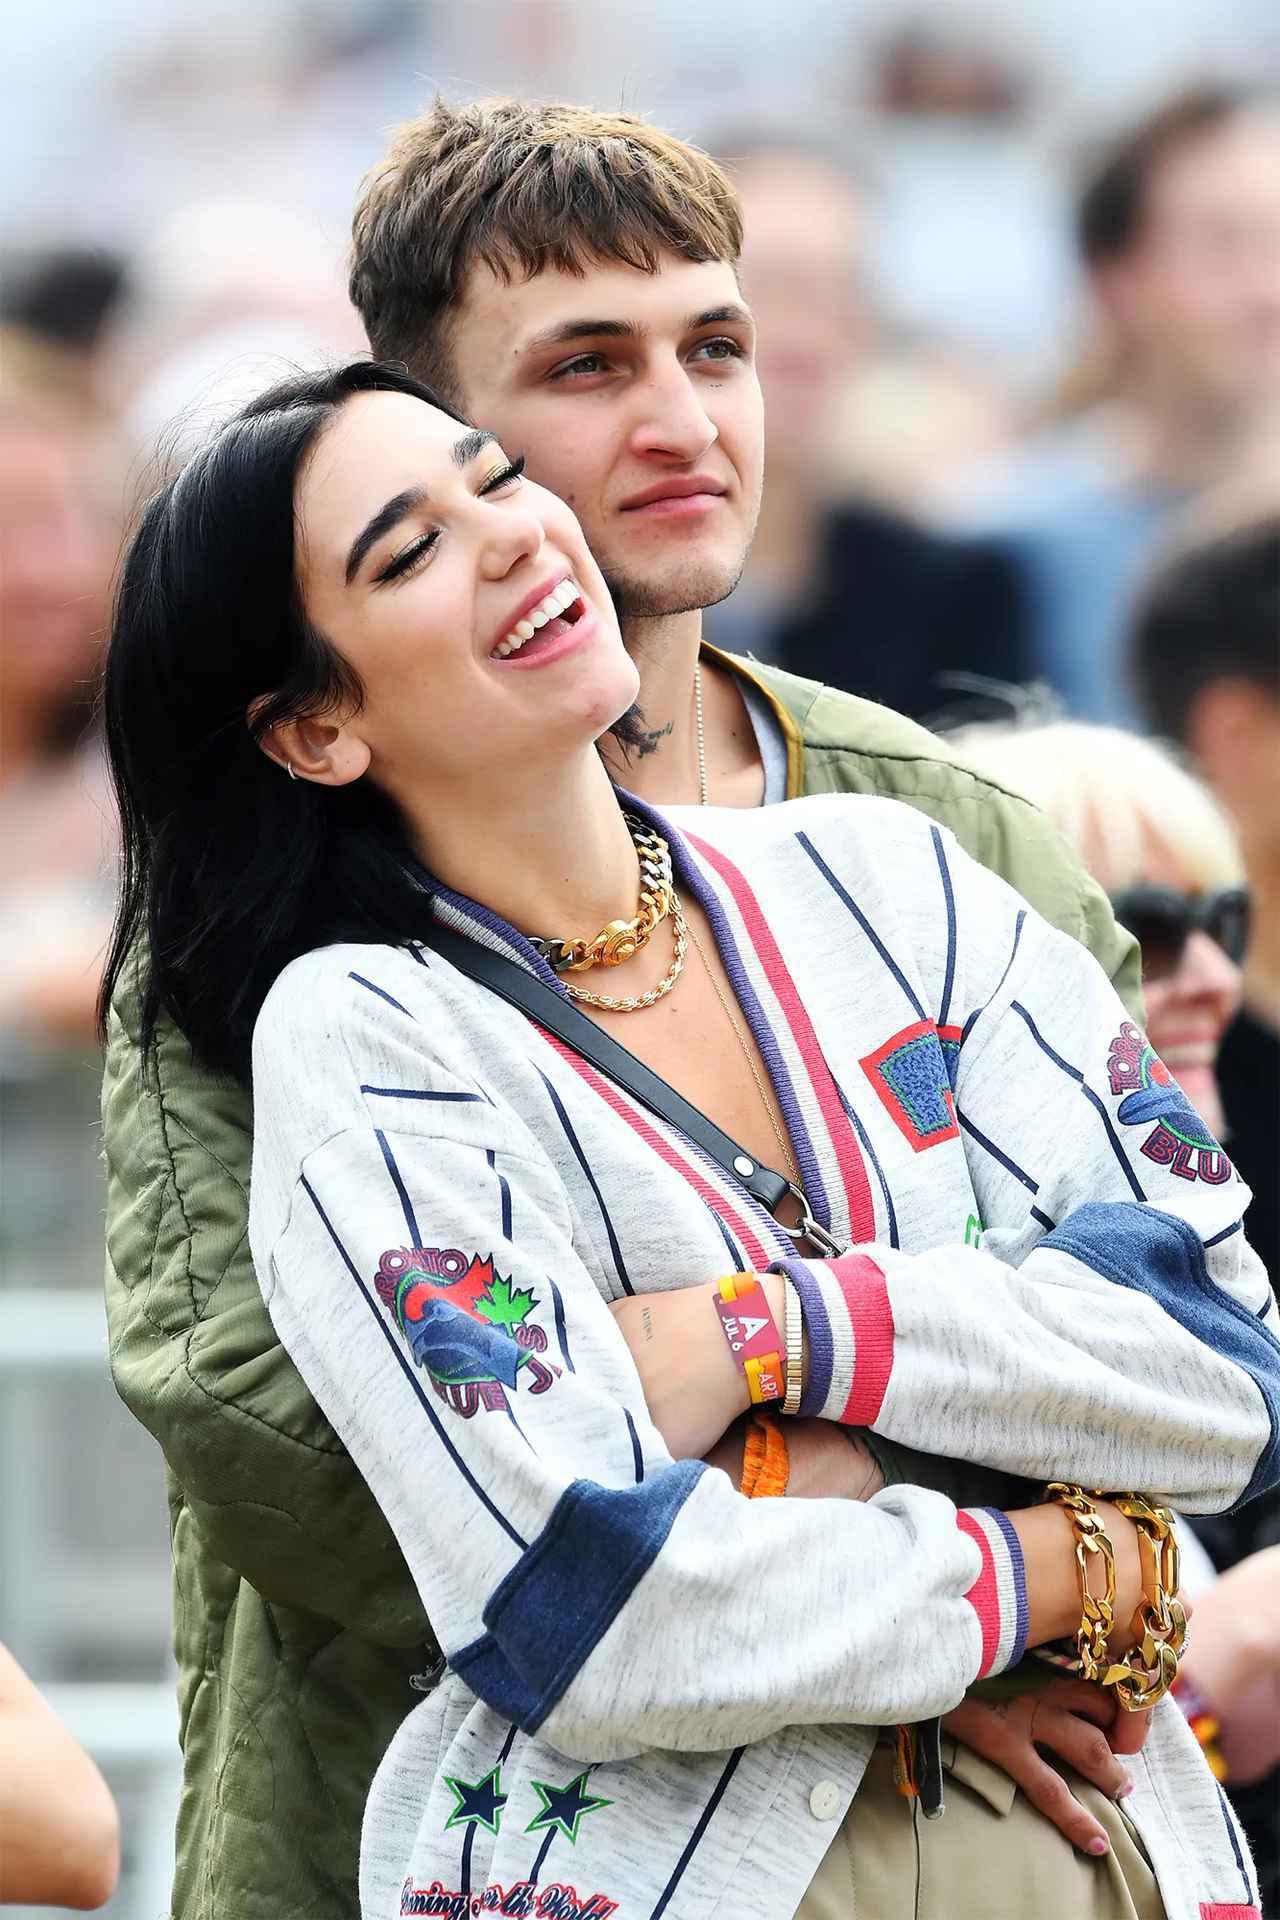 画像: 彼氏はハディッド姉妹の弟!人気カップルの交際はヒートアップ